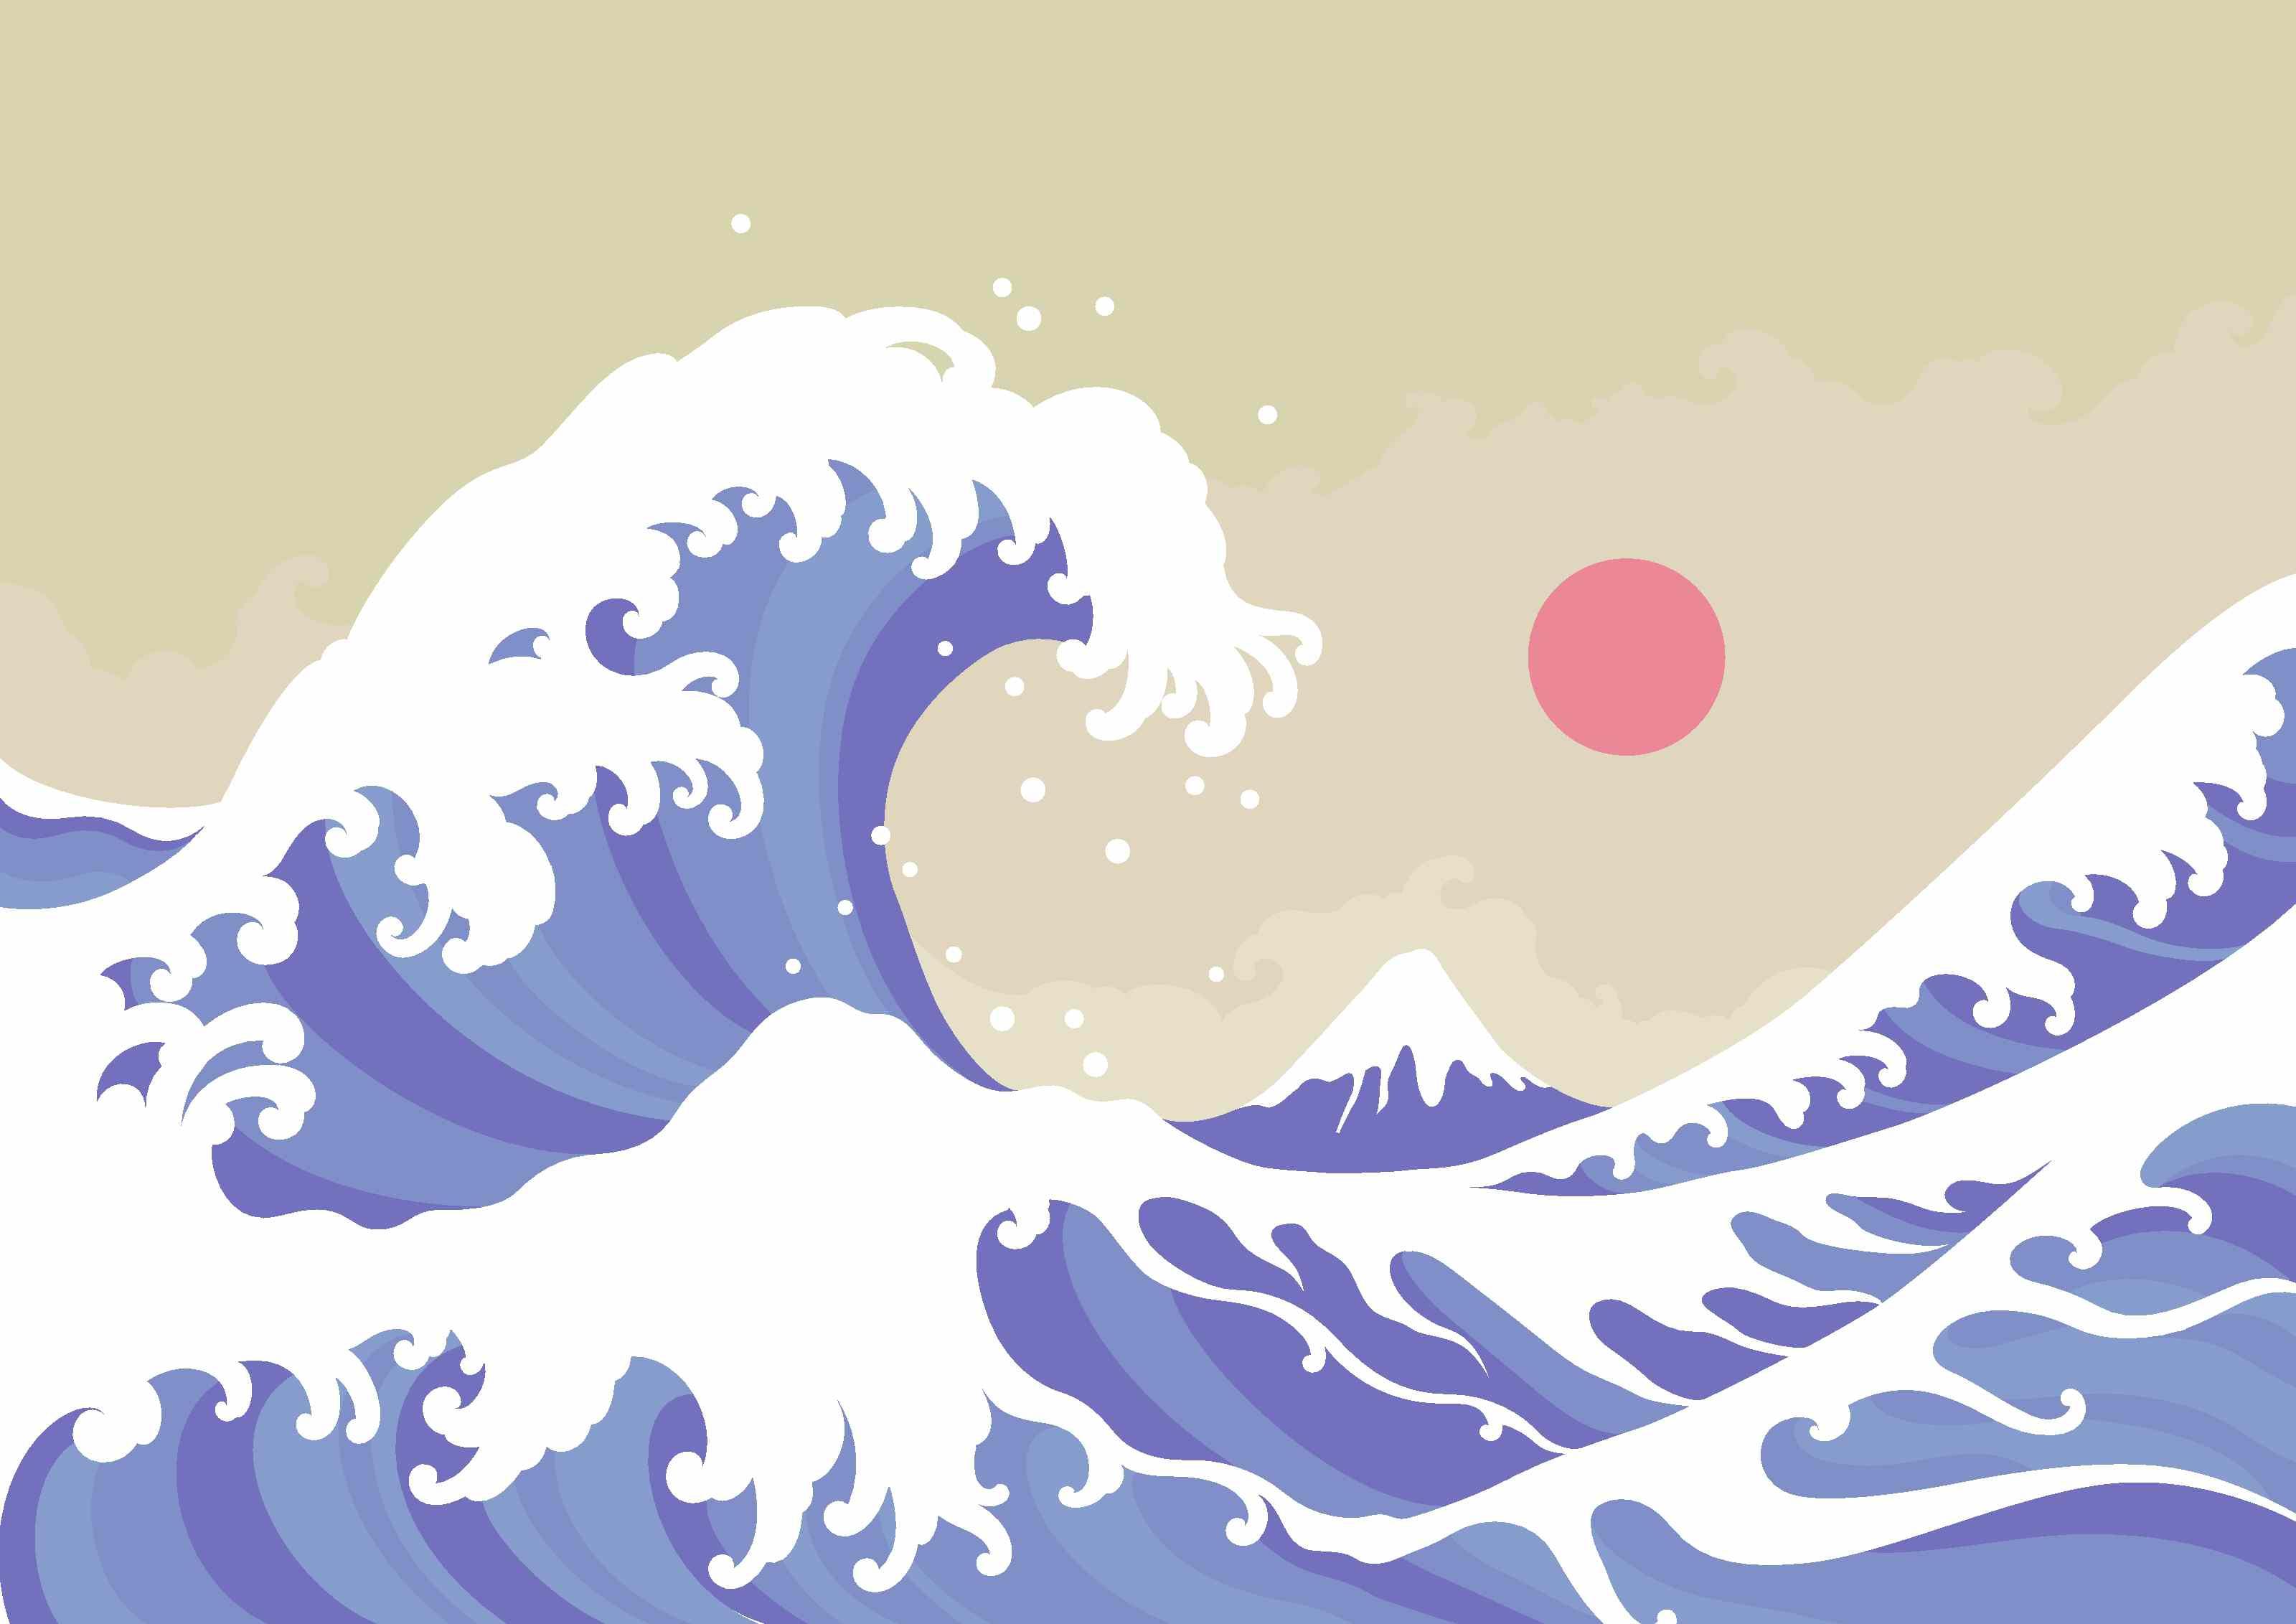 big wave artwork